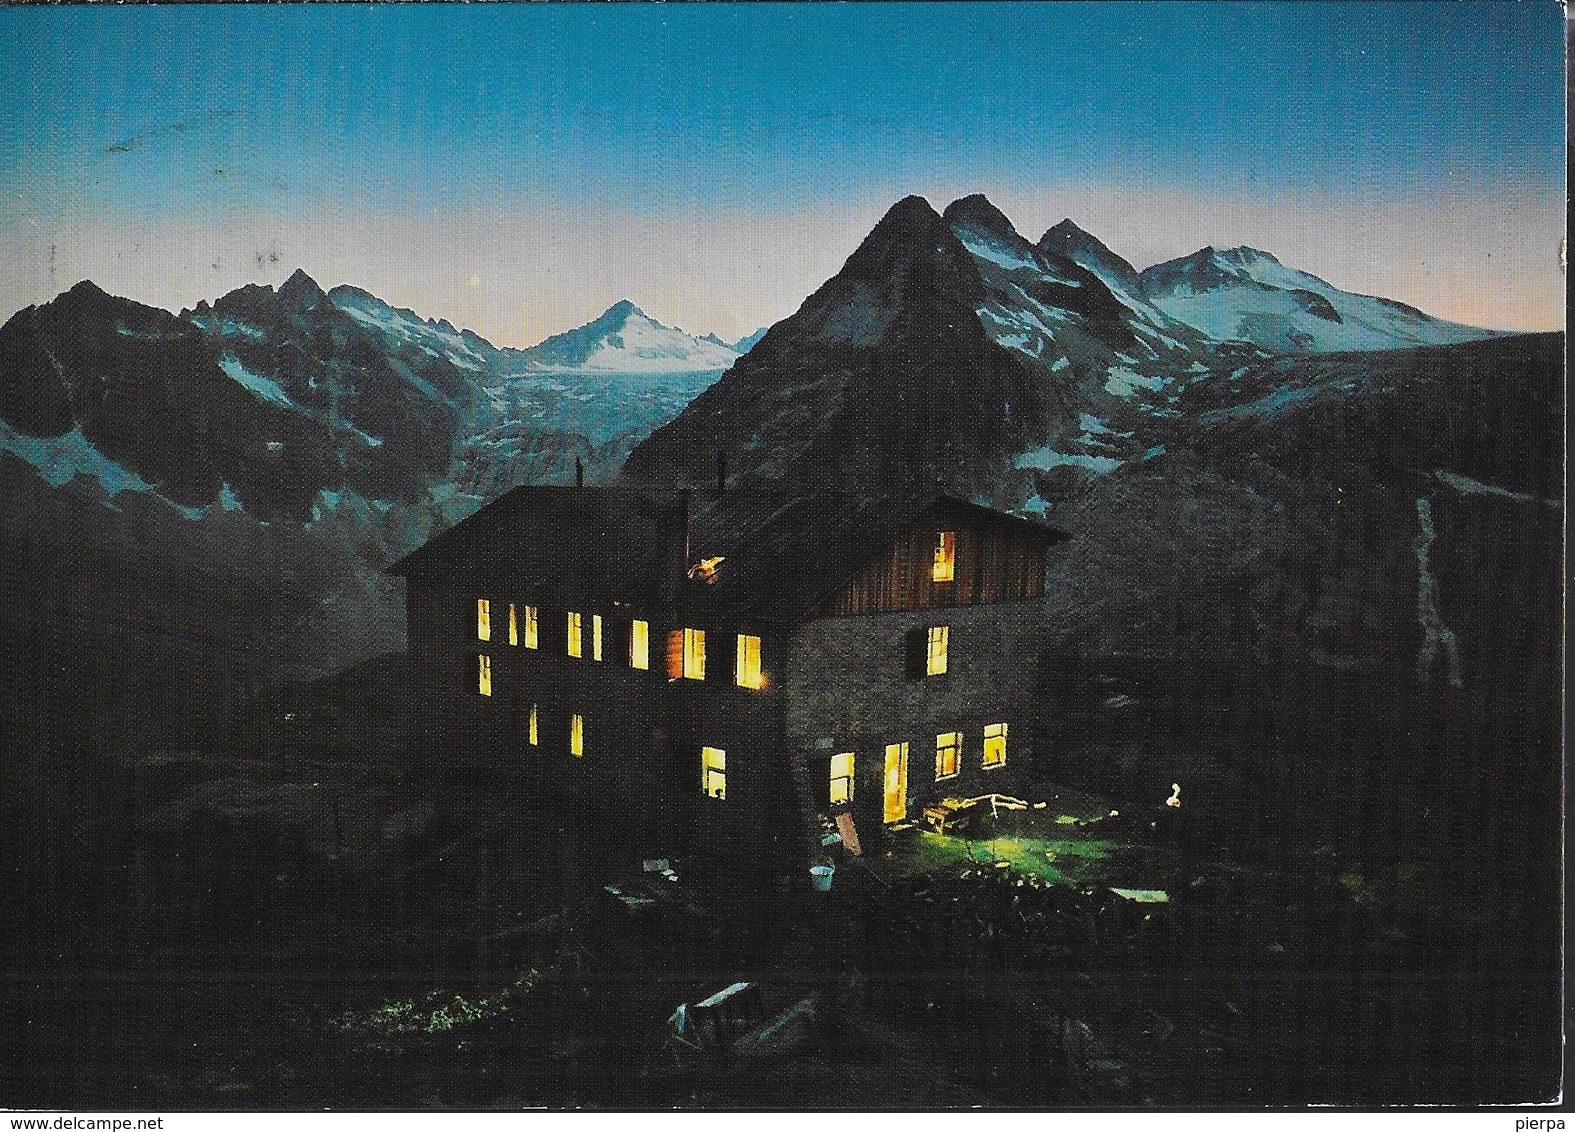 GRUPPO ADAMELLO - RIFUGIO CITTA' DI TRENTO - NOTTURNO - TIMBRO DEL RIFUGIO - VIAGGIATA DA PINZOLO 1985 - Alpinisme